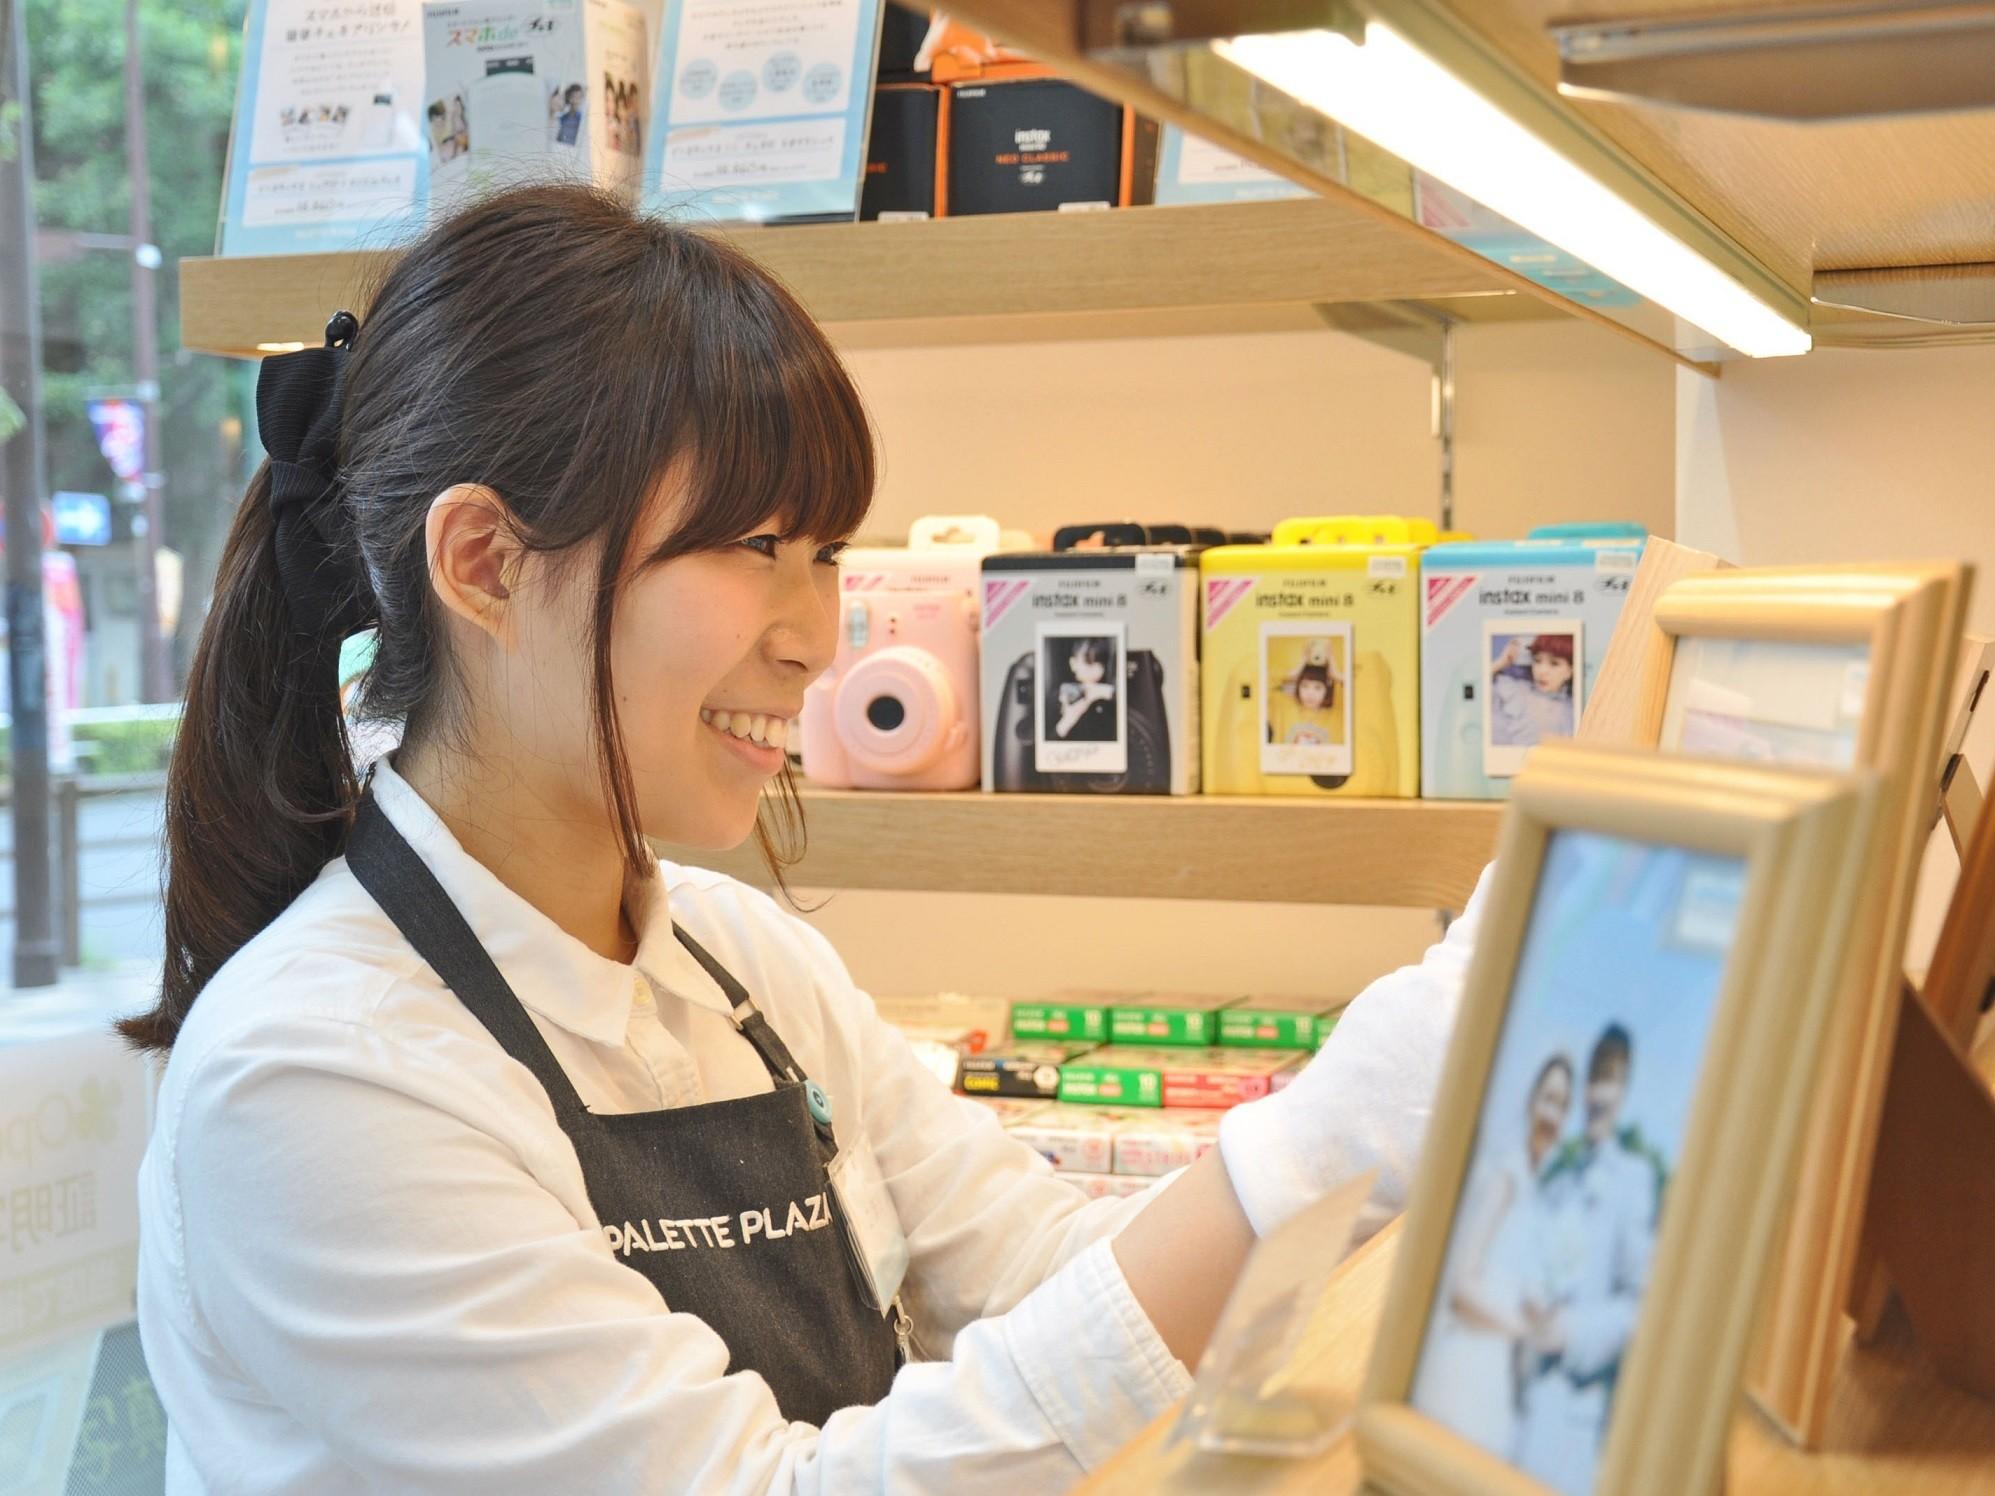 55ステーション 千歳船橋店 <短期募集> のアルバイト情報